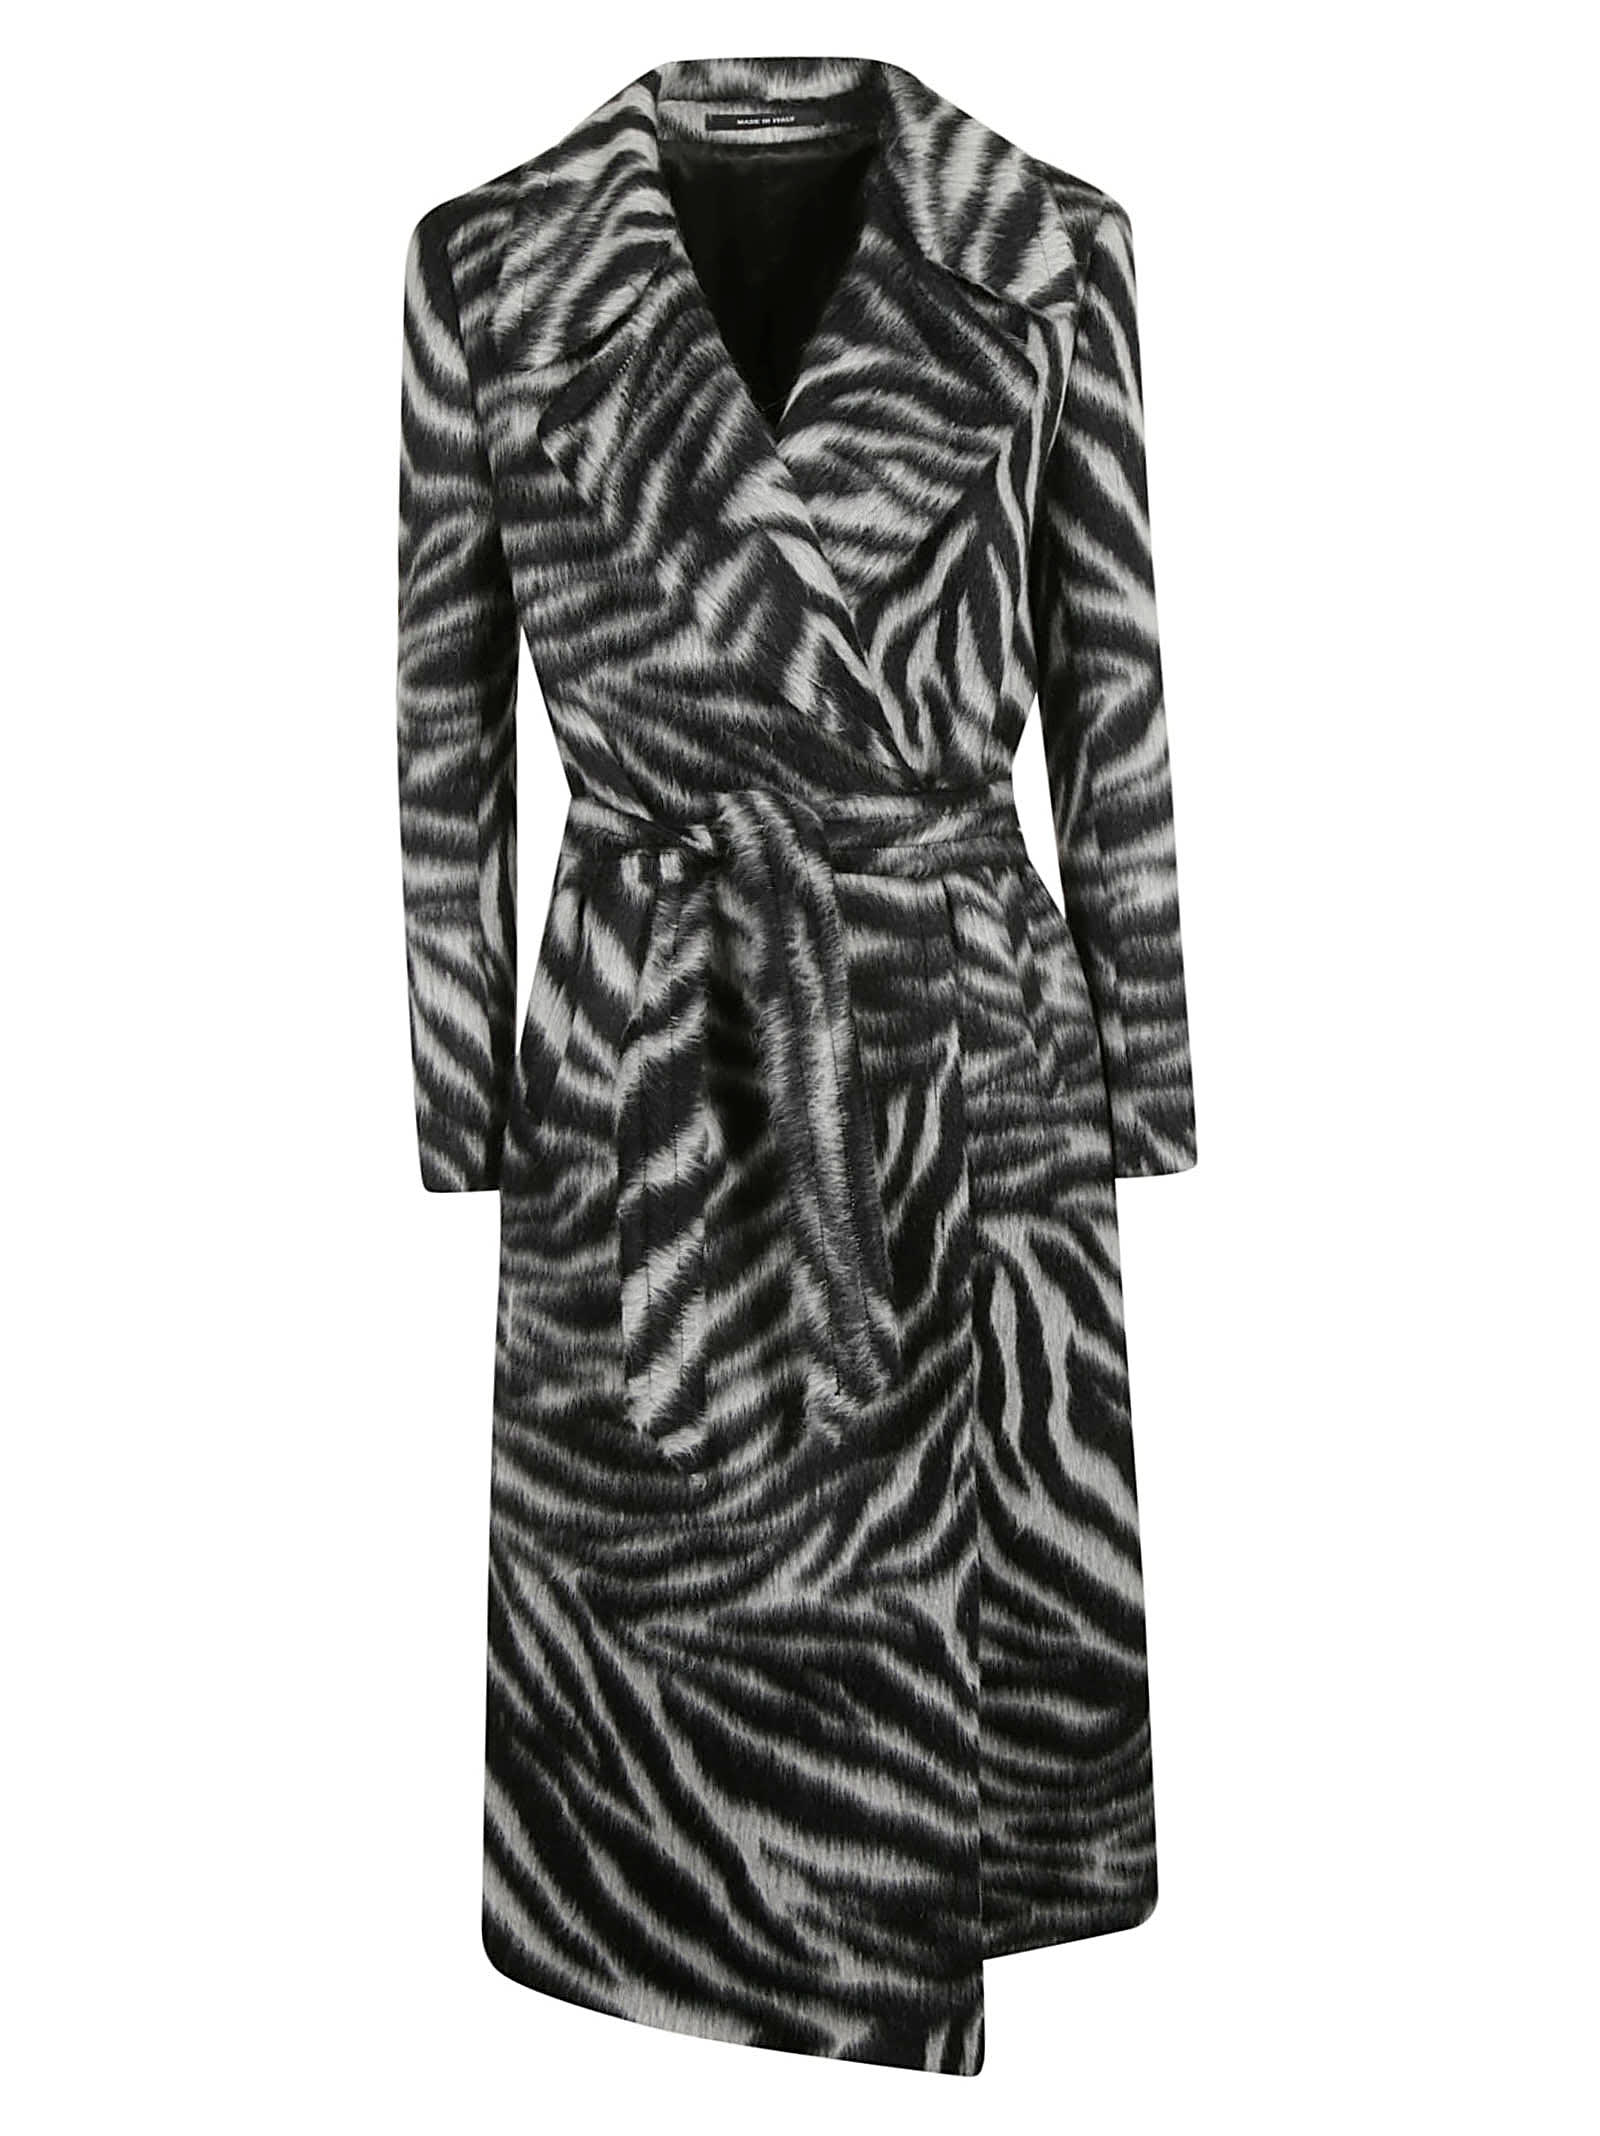 Tagliatore Zebra Print Belted Coat